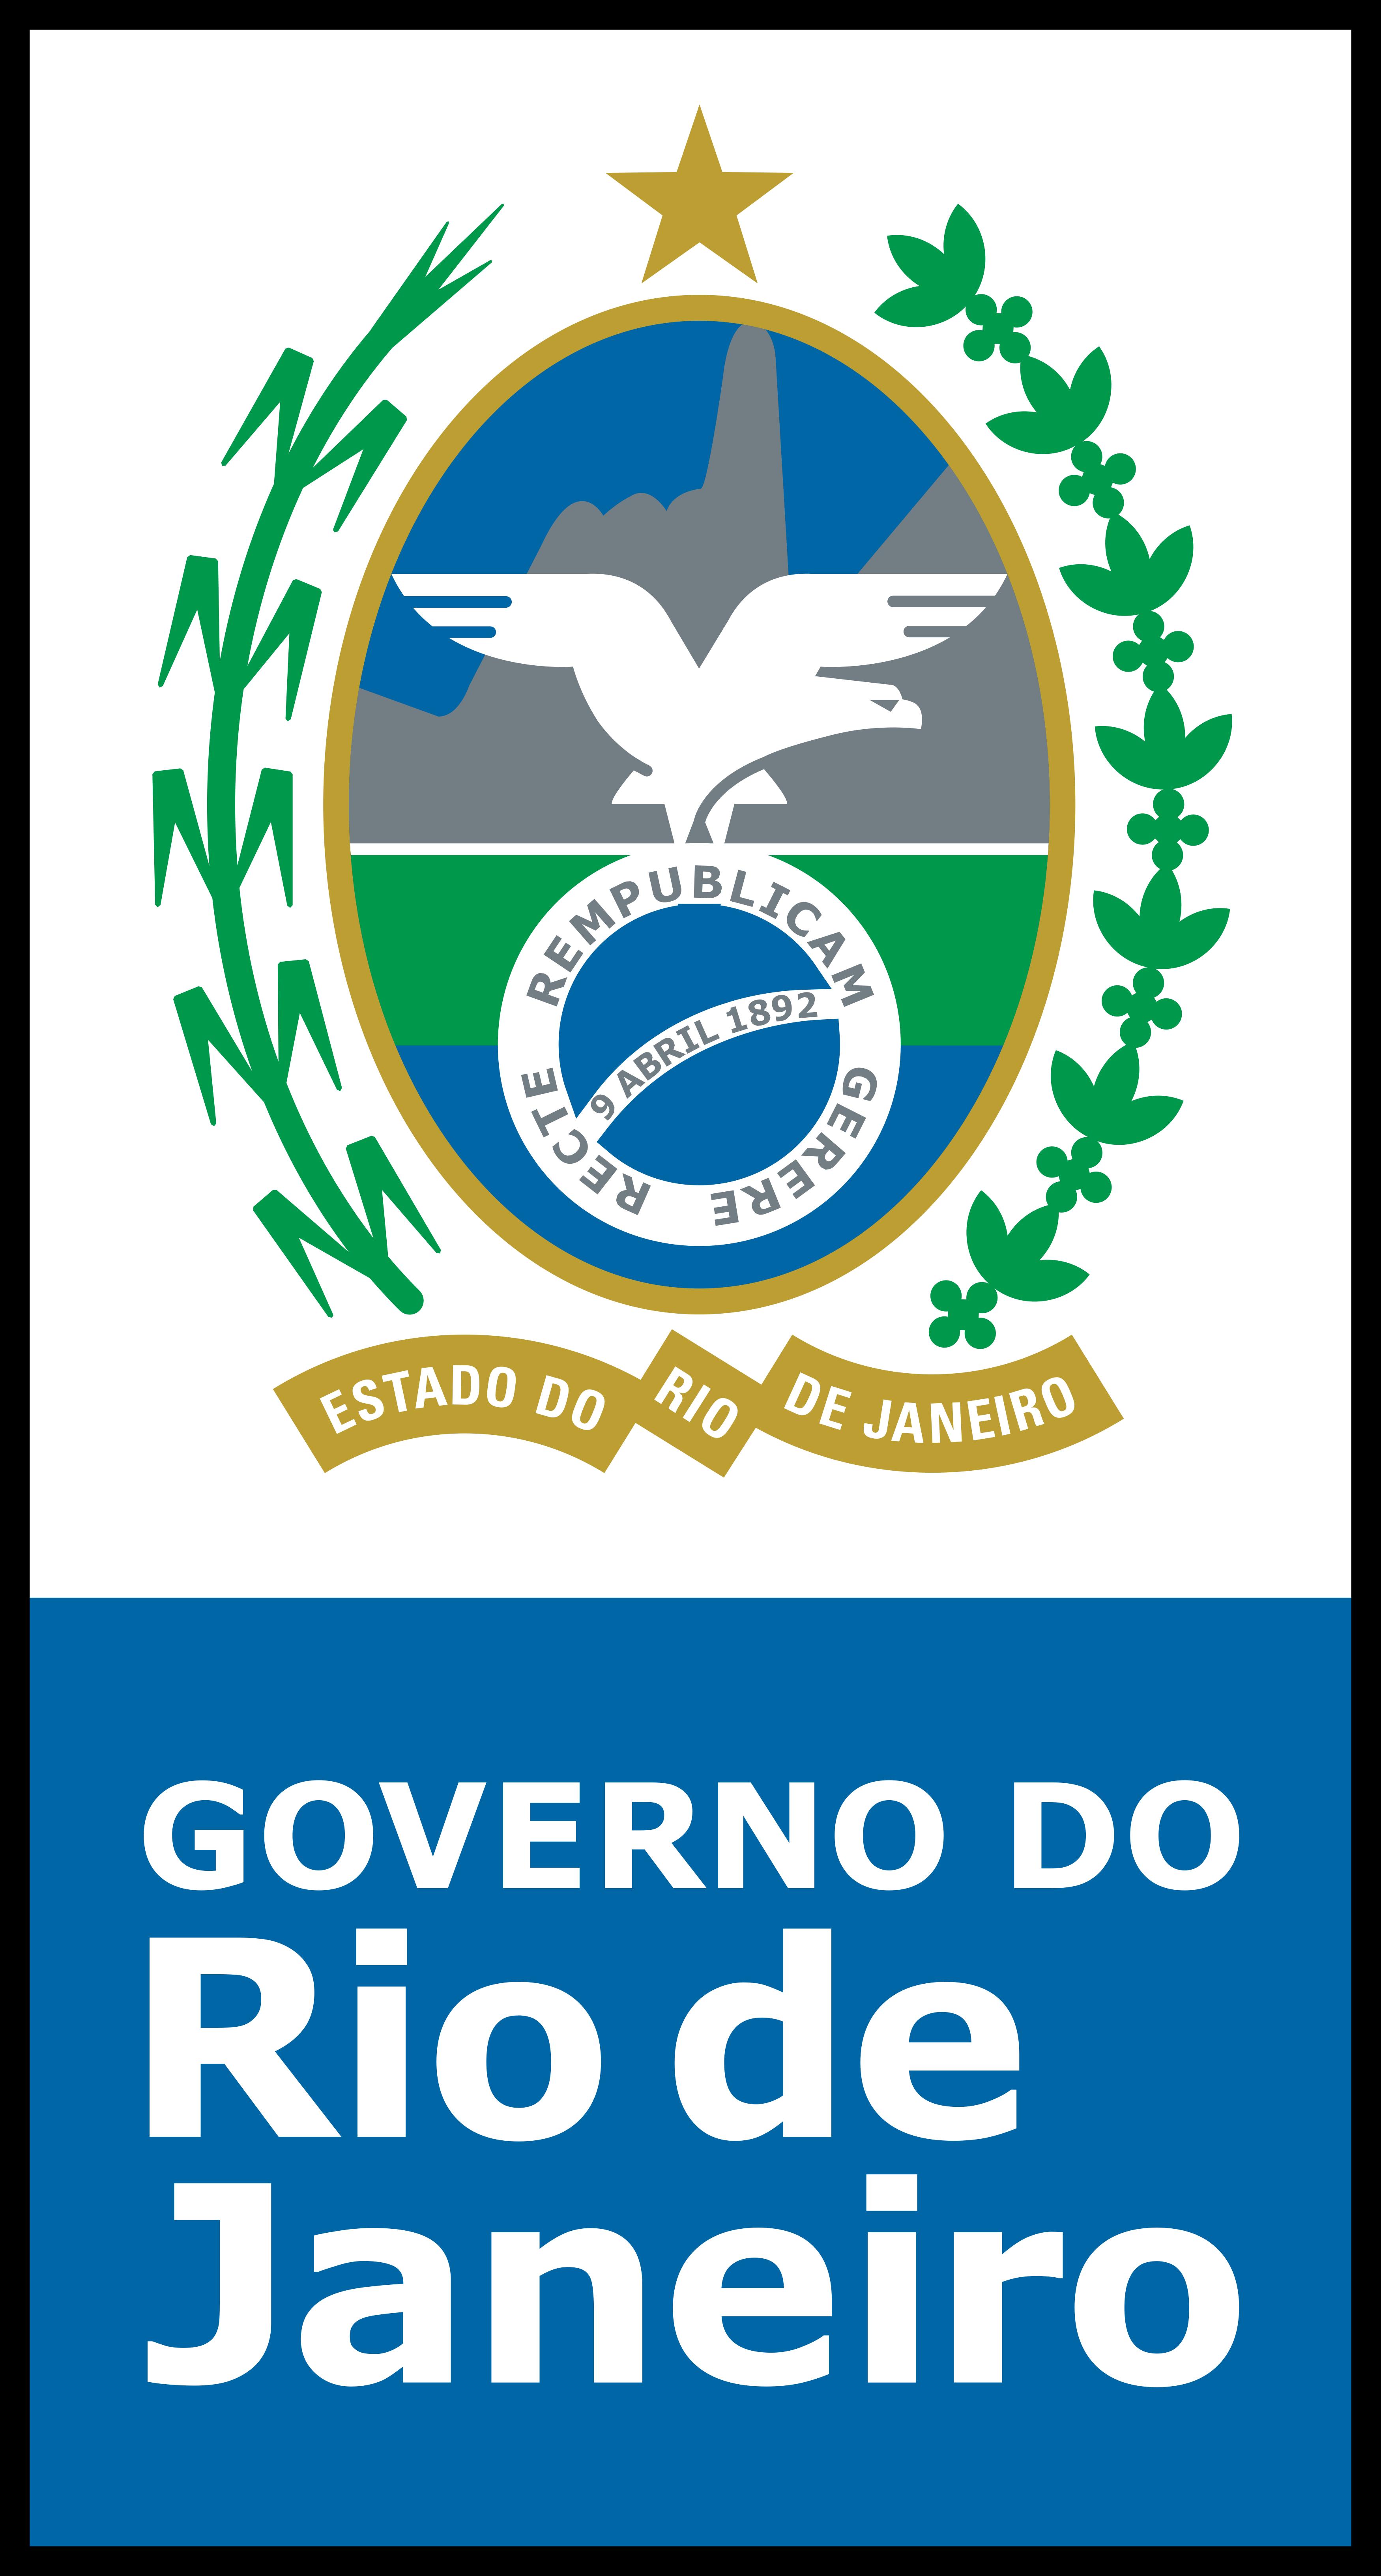 Governo do Rio de Janeiro Logo.